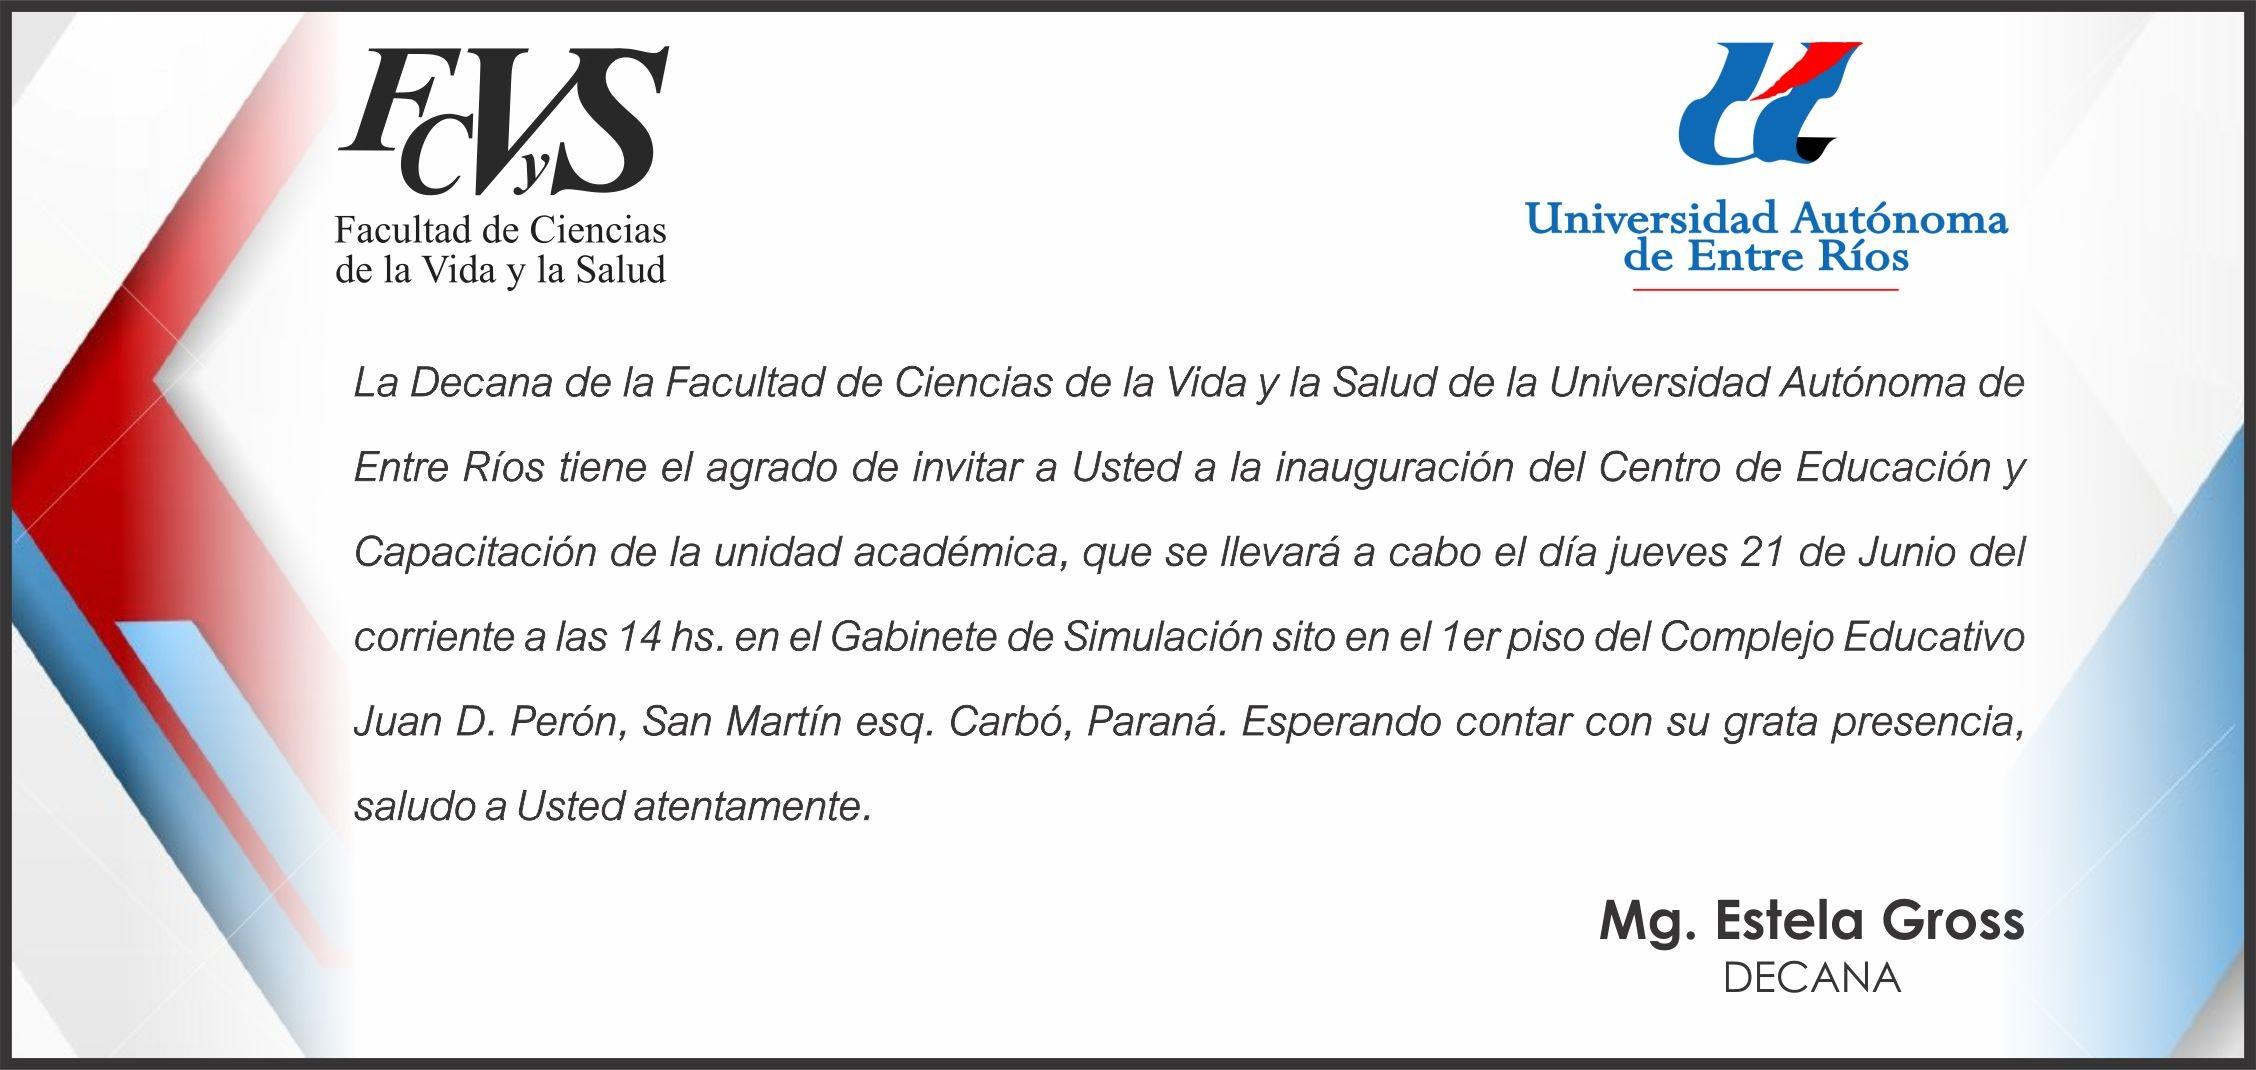 Acto de inauguraci³n del Centro de Educaci³n y Capacitaci³n de la Facultad de Ciencias de la